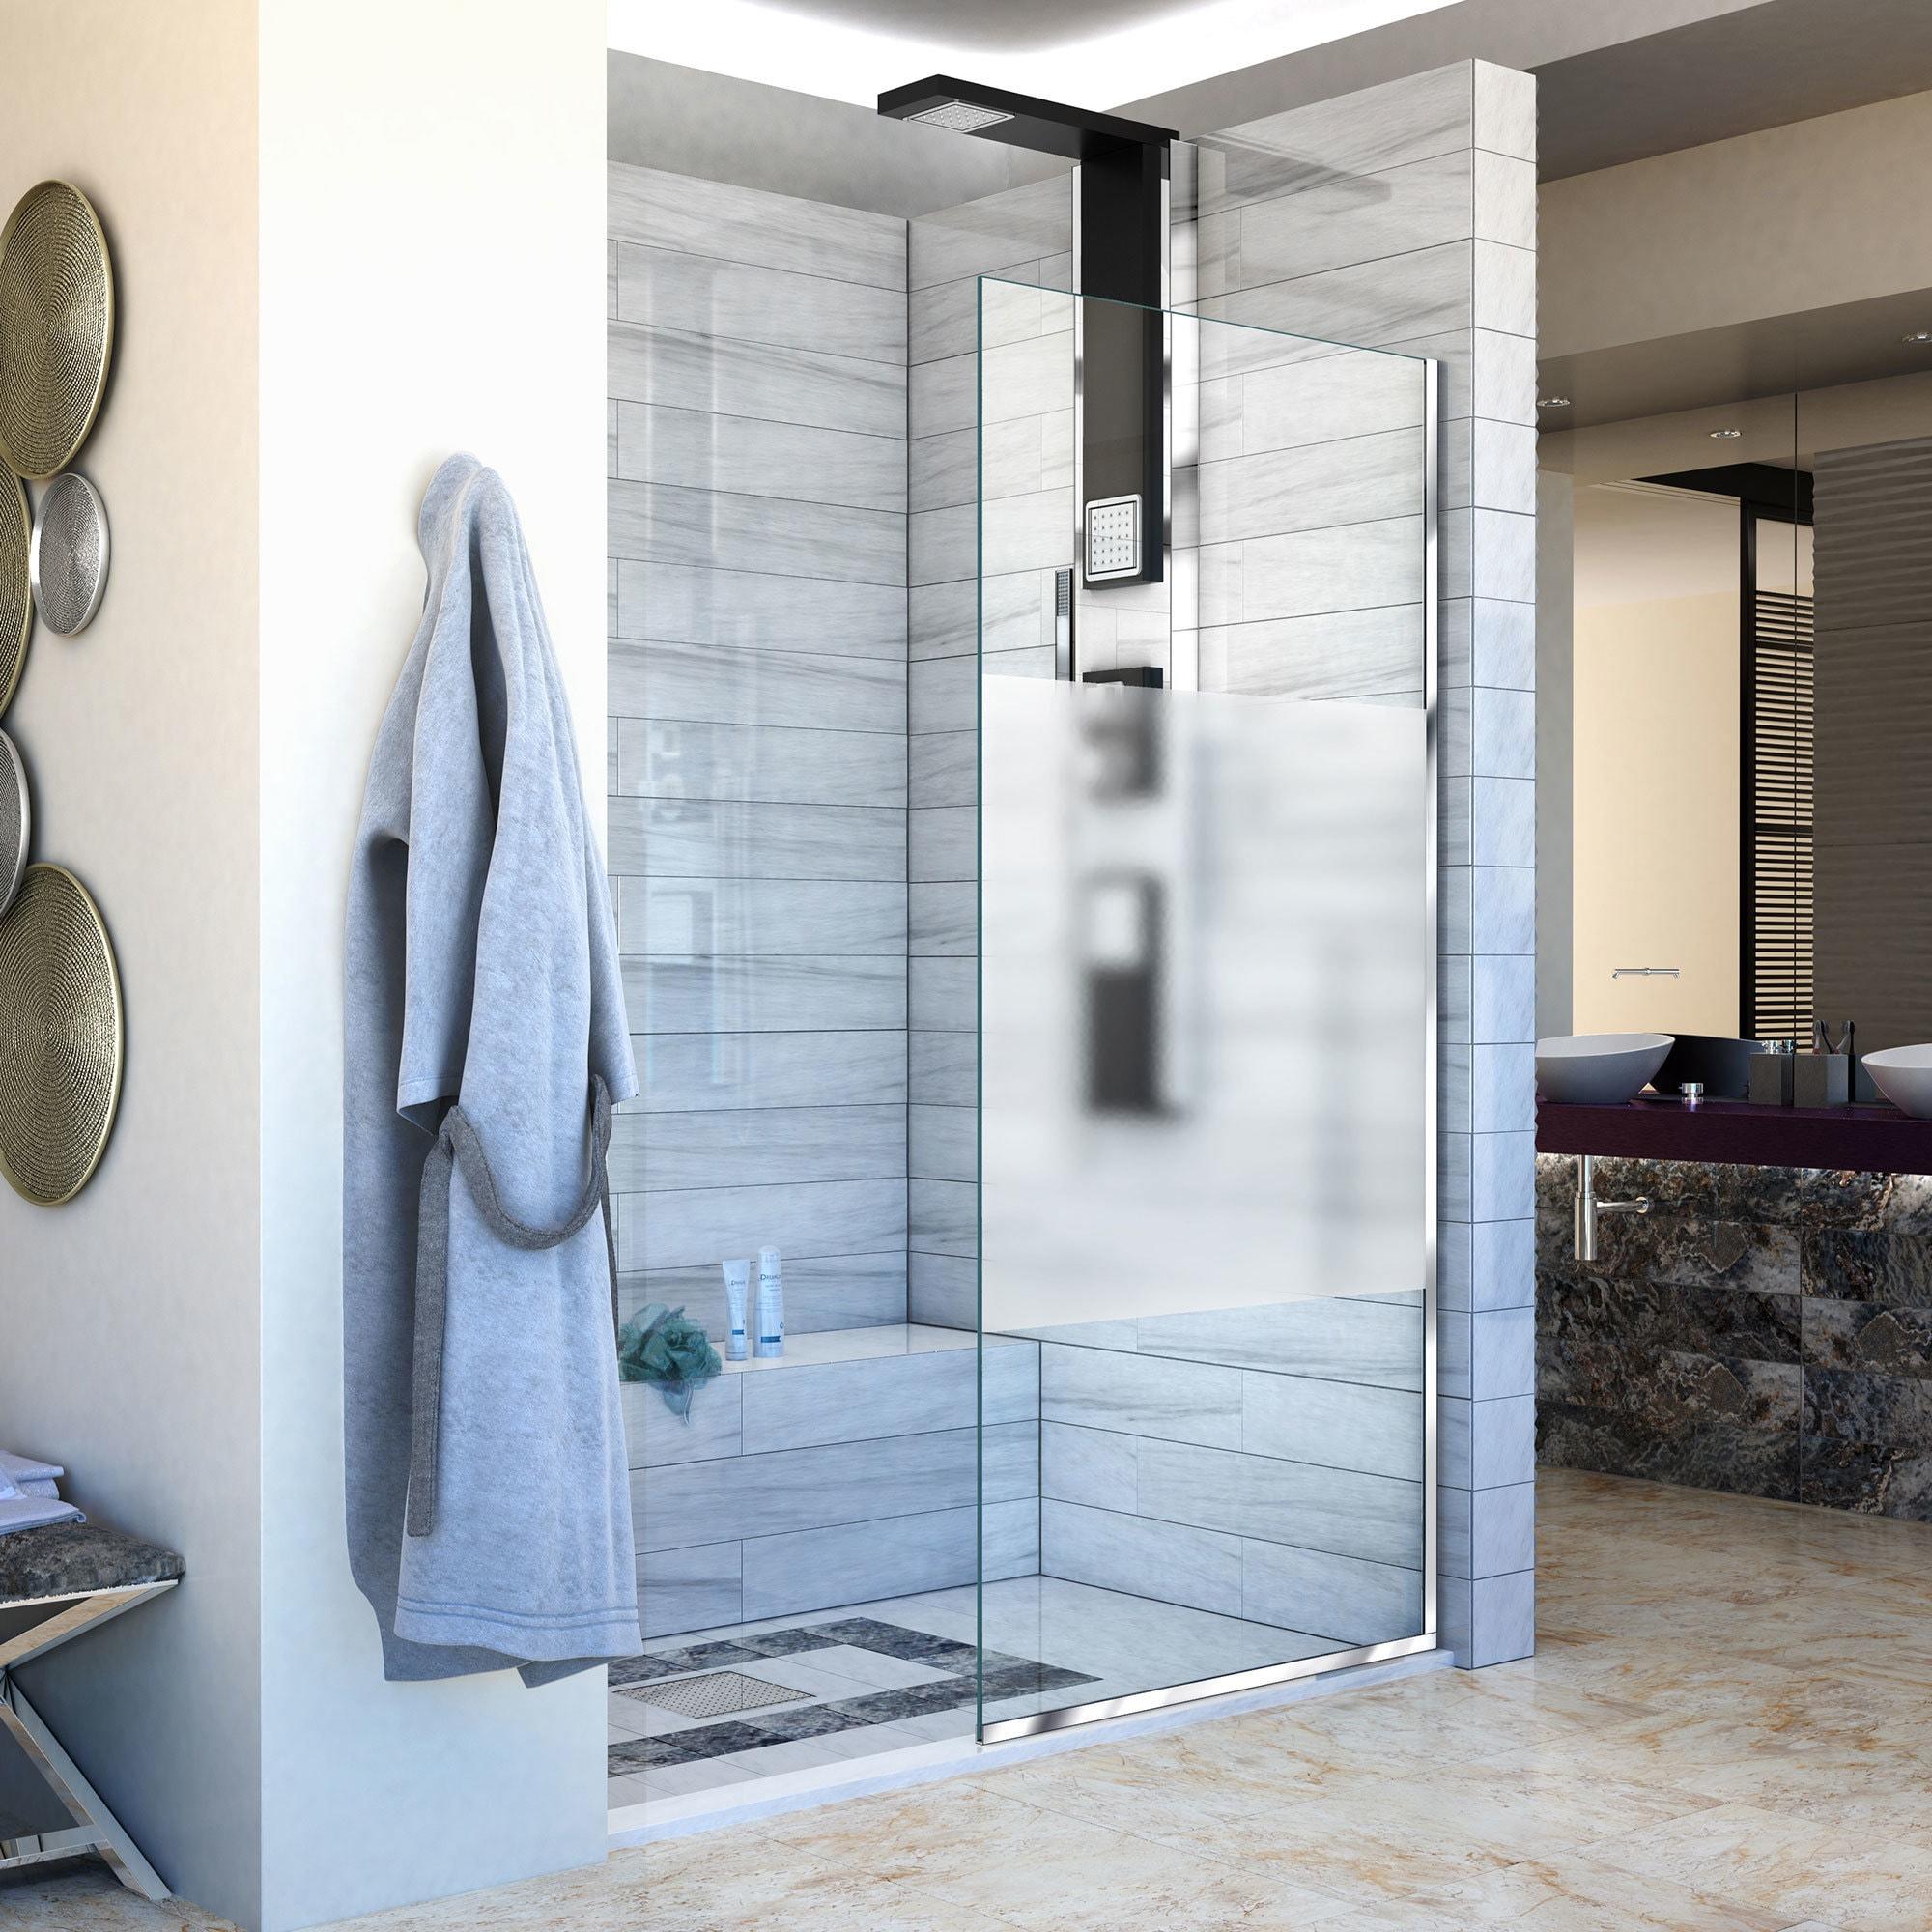 DreamLine Linea Single Panel Open-Entry Shower Screen 34 in. W x 72 ...